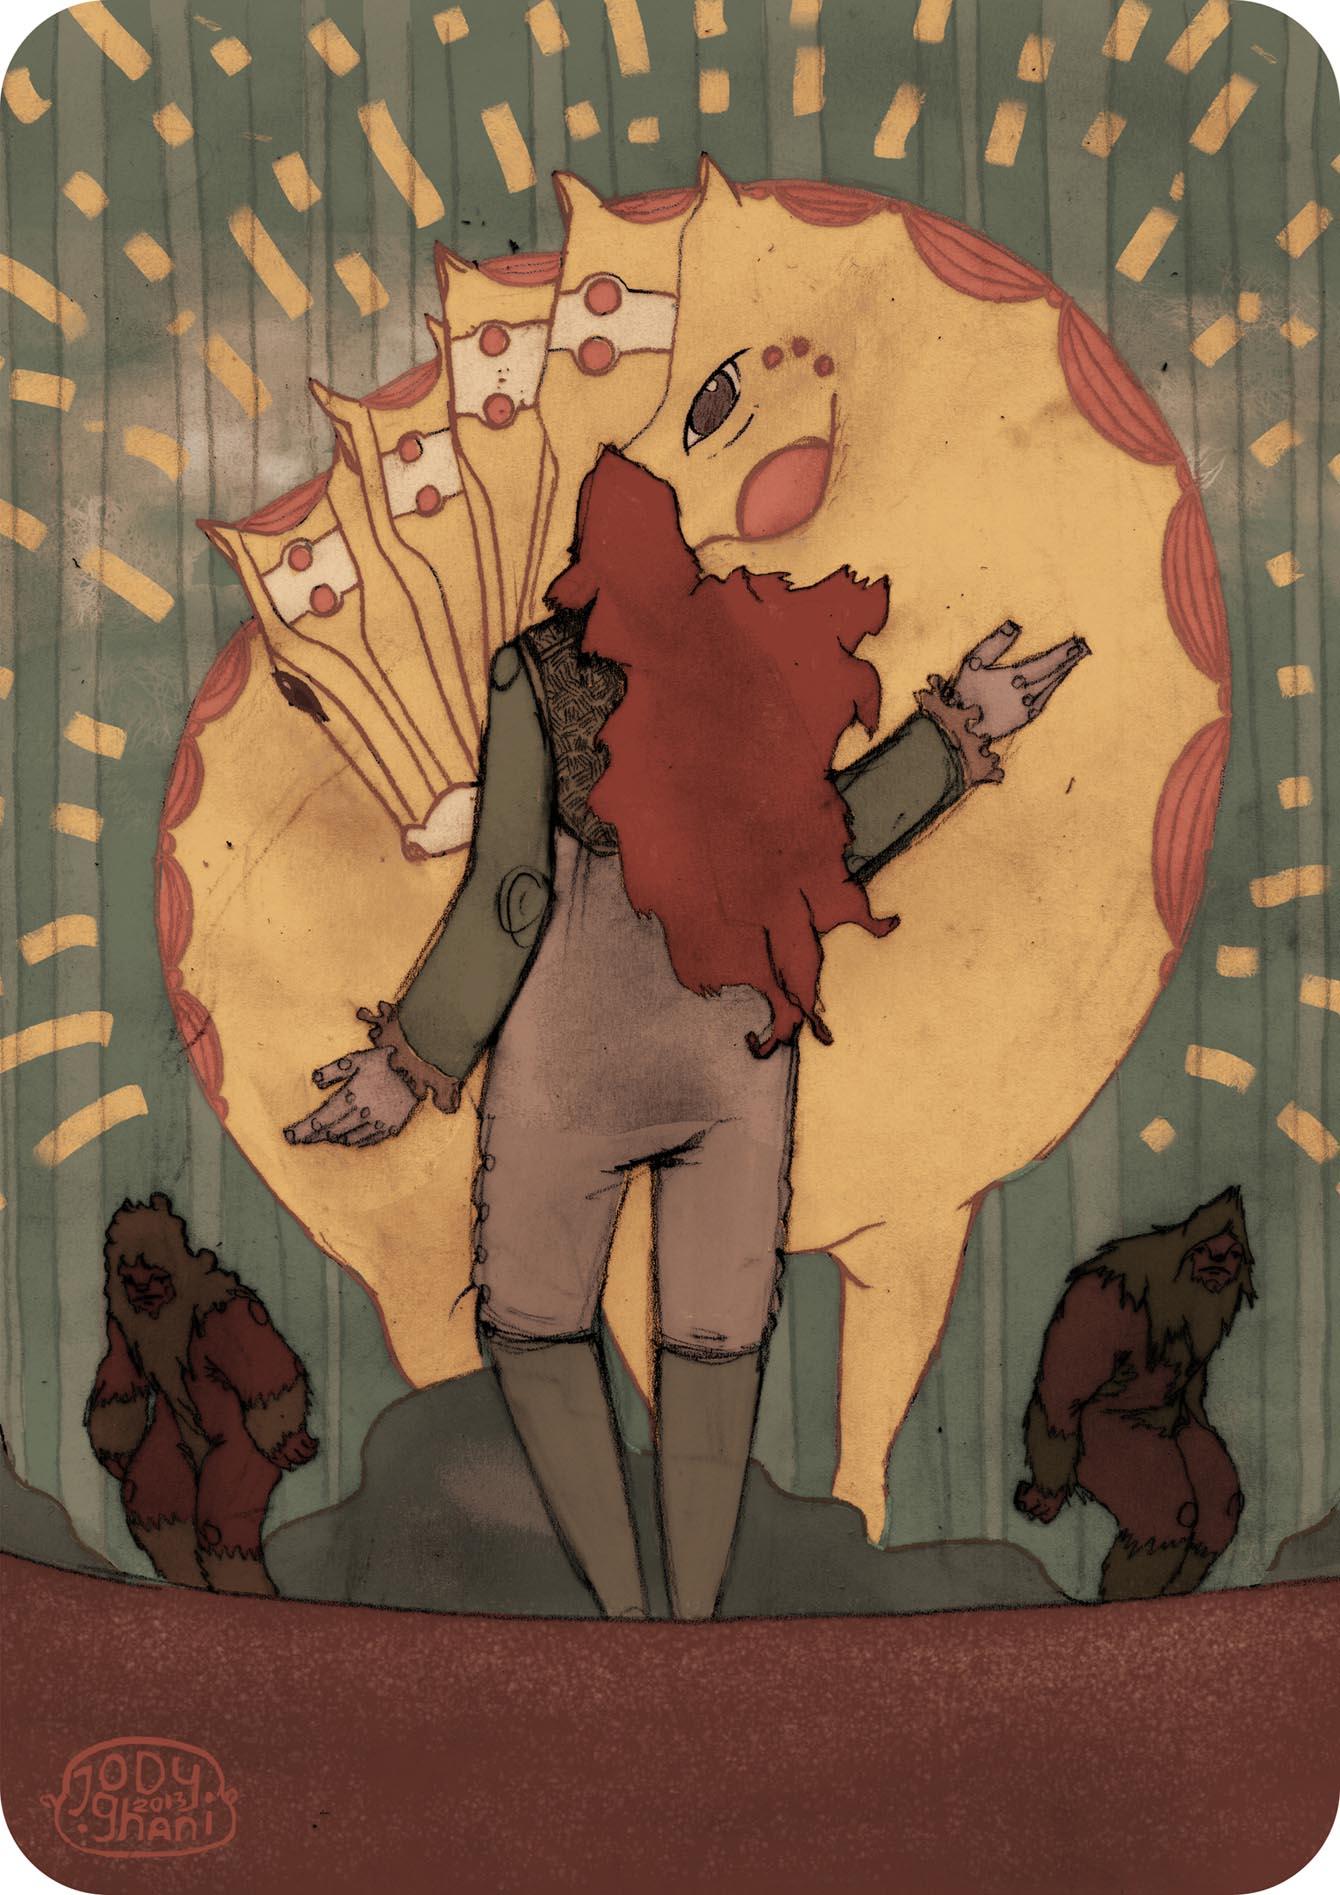 JodyPrody: Gulliver's Travels